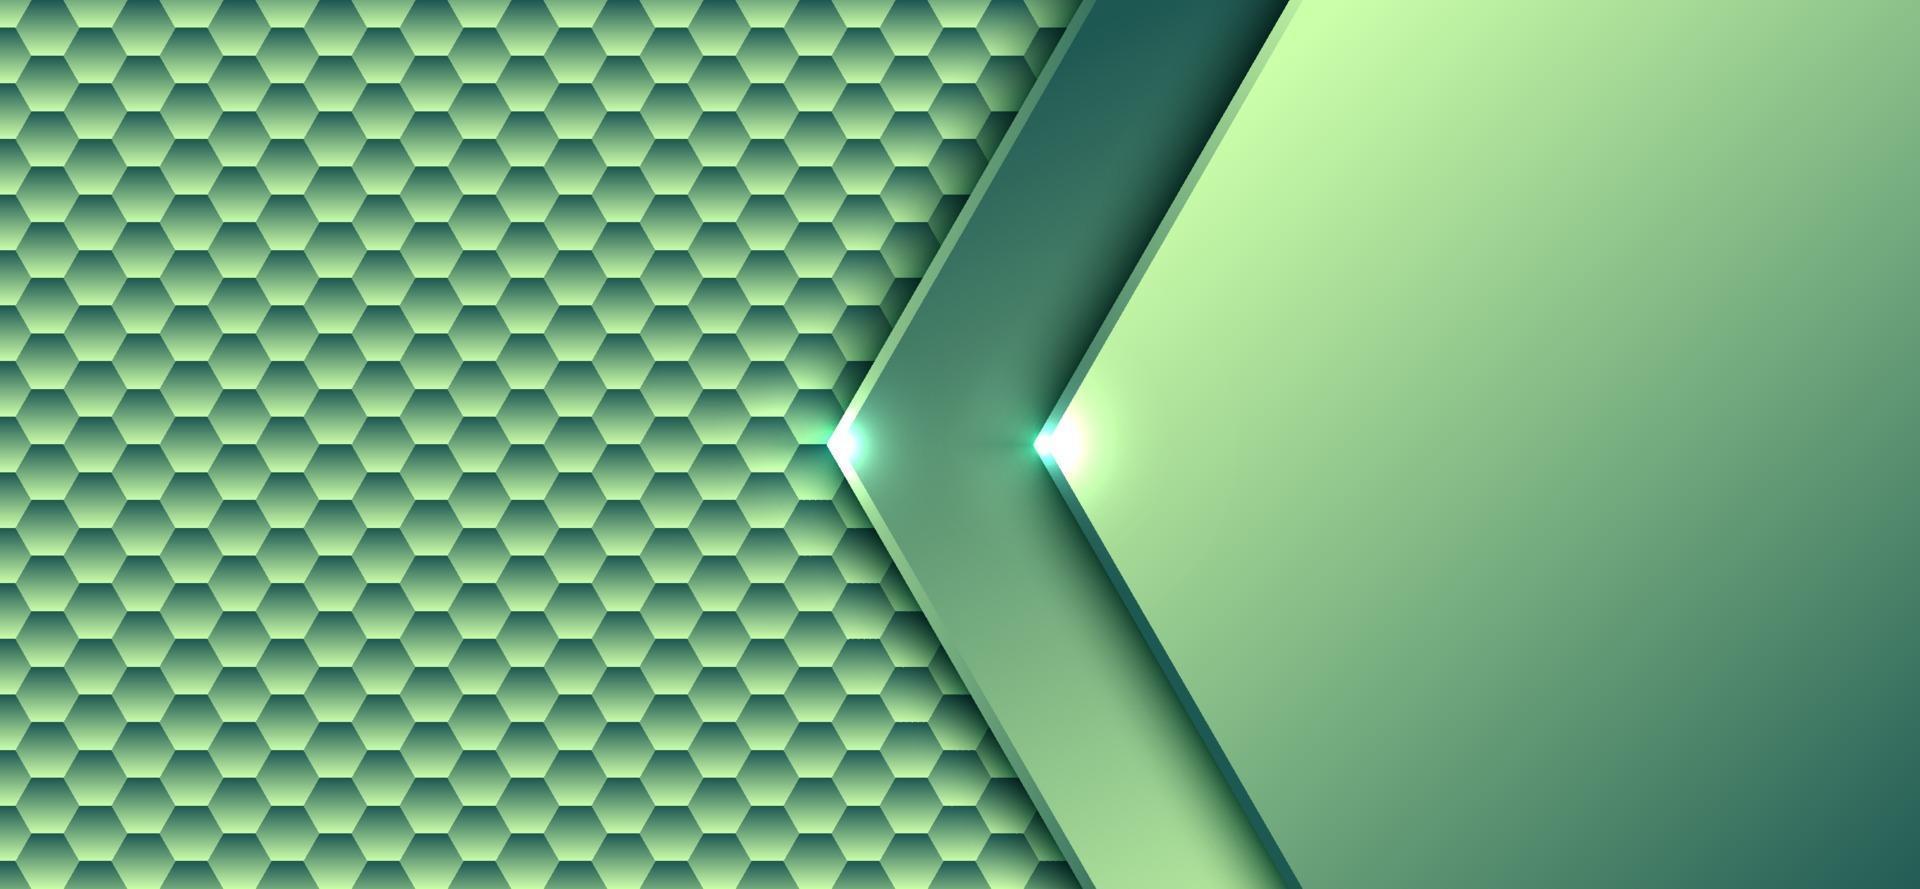 abstrakt teknik digitalt koncept grönt lutning sexkantigt elementmönster med ljus konstverk design bakgrund och konsistens vektor